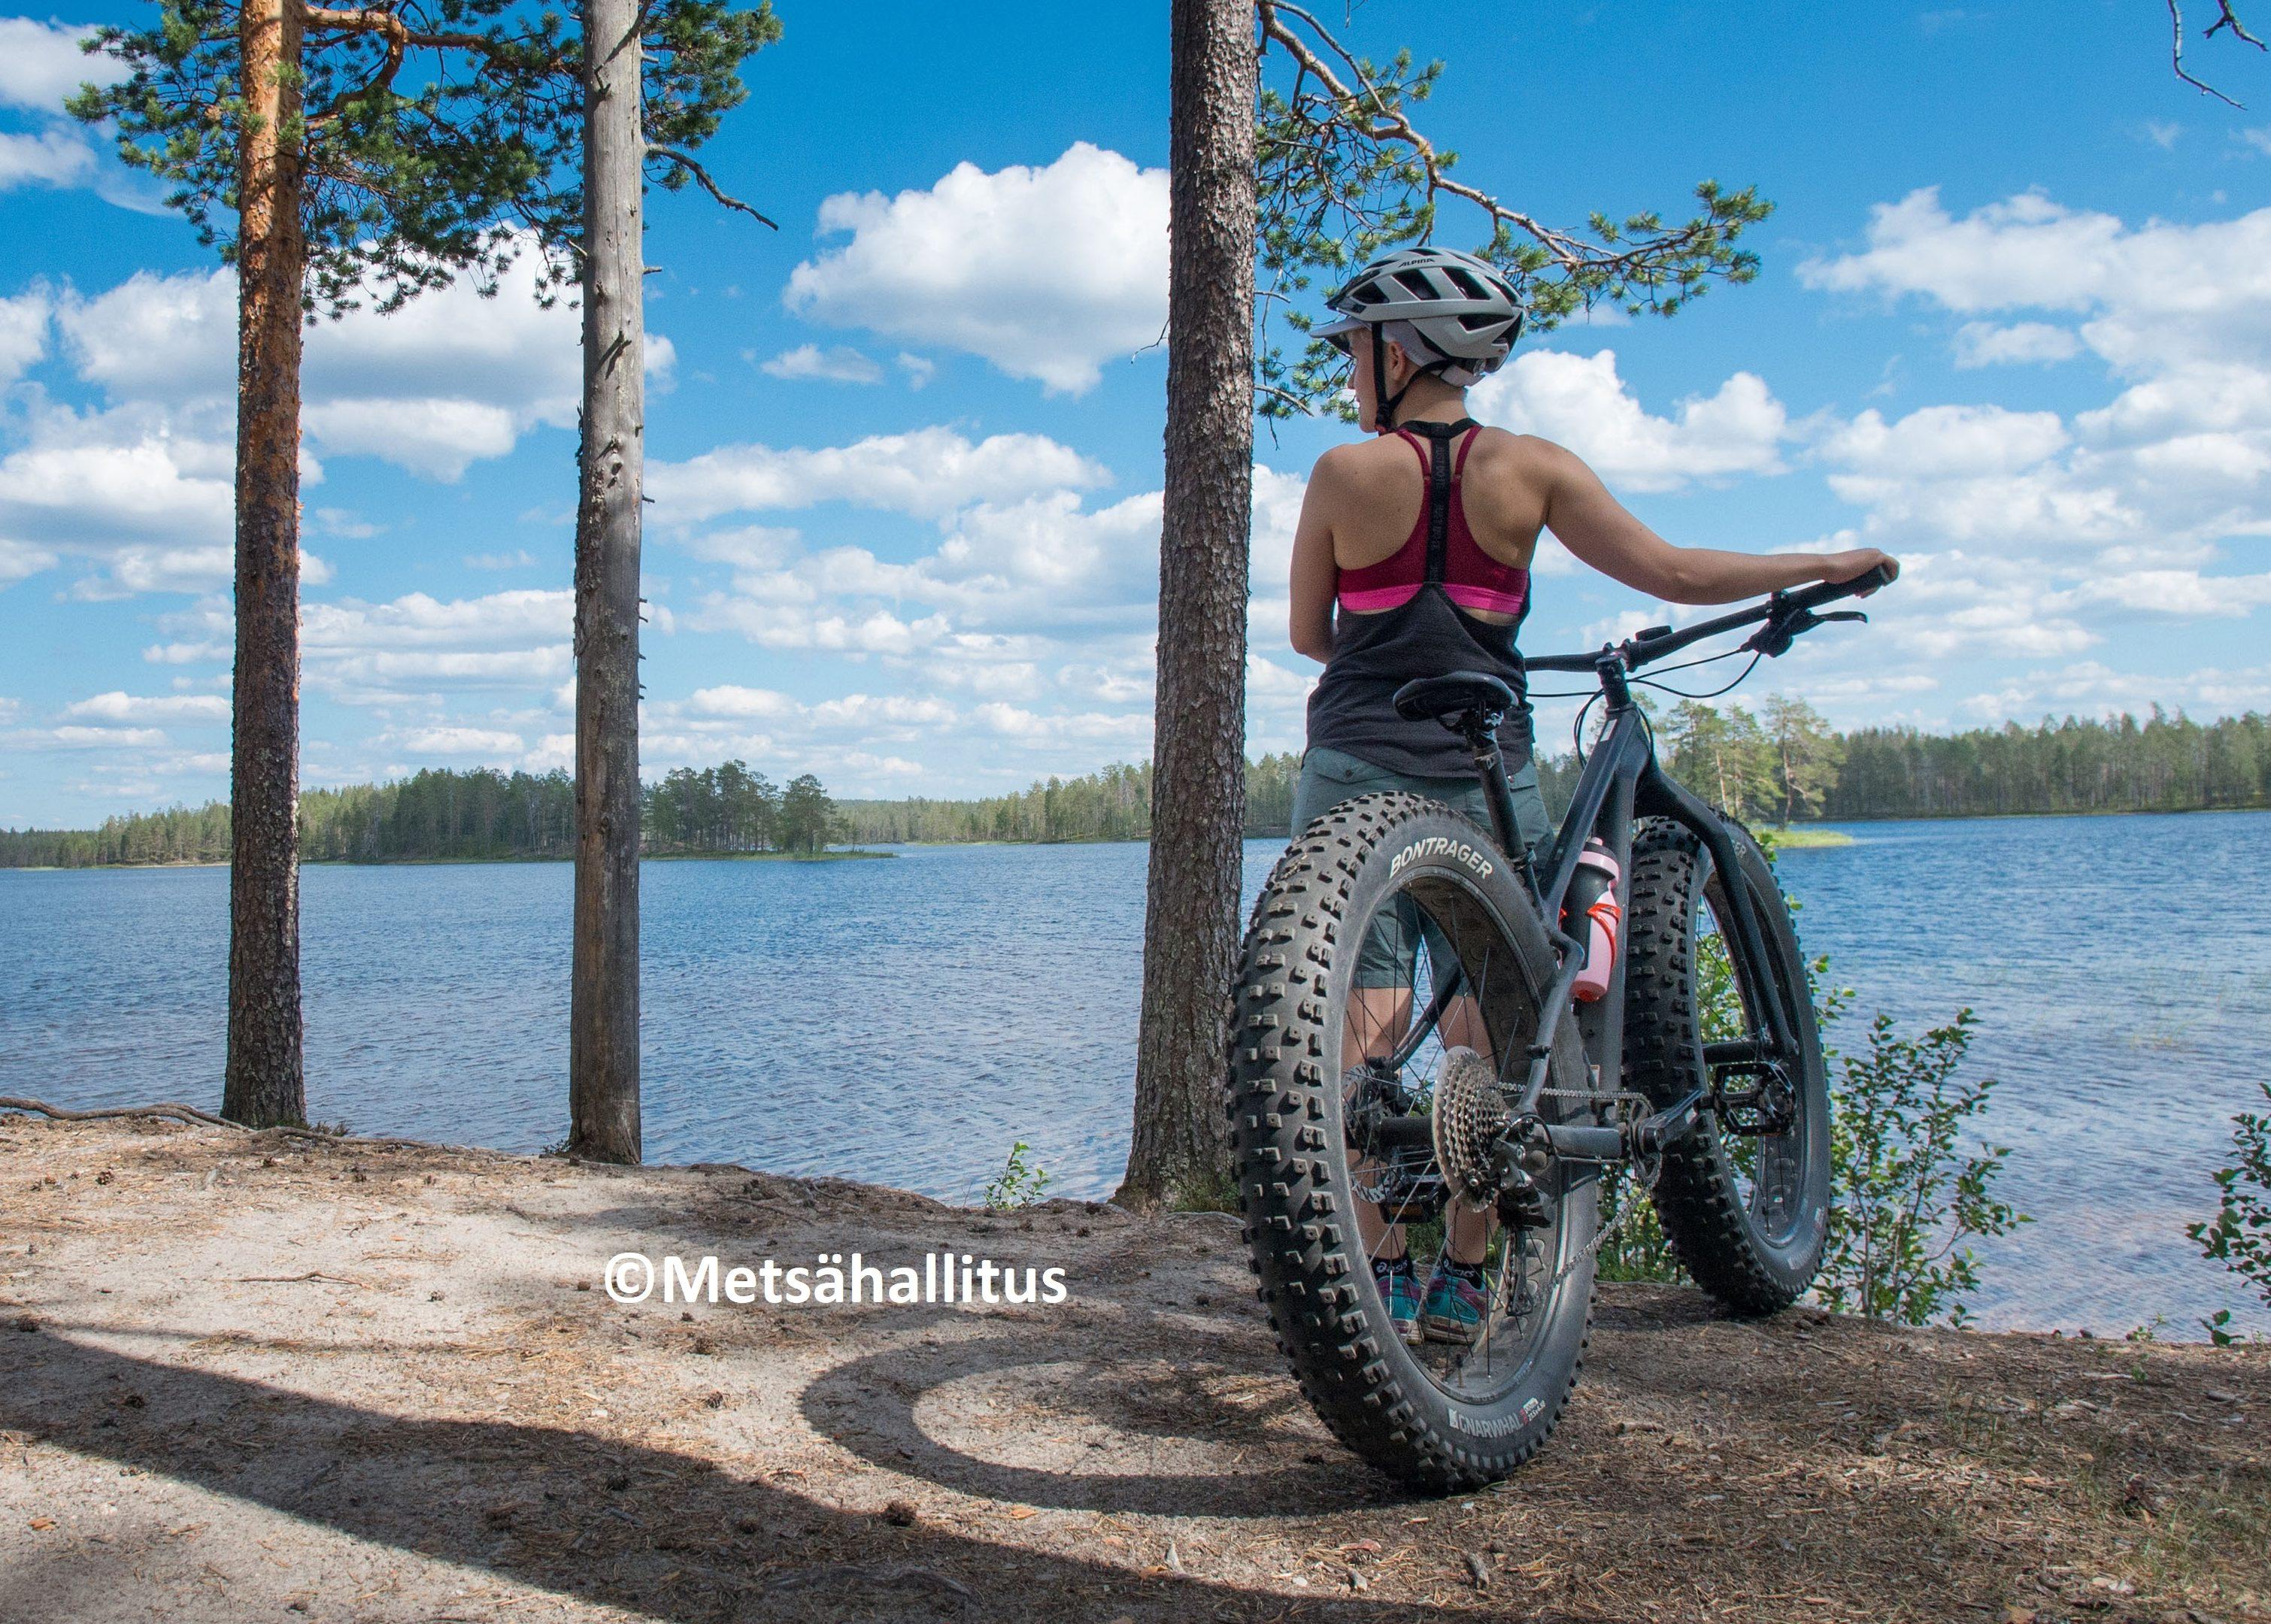 Pyöräilijä läskipyörä Kokalmus Hossa Samuli Koivistoinen 2018c medium 1 e1558108331716